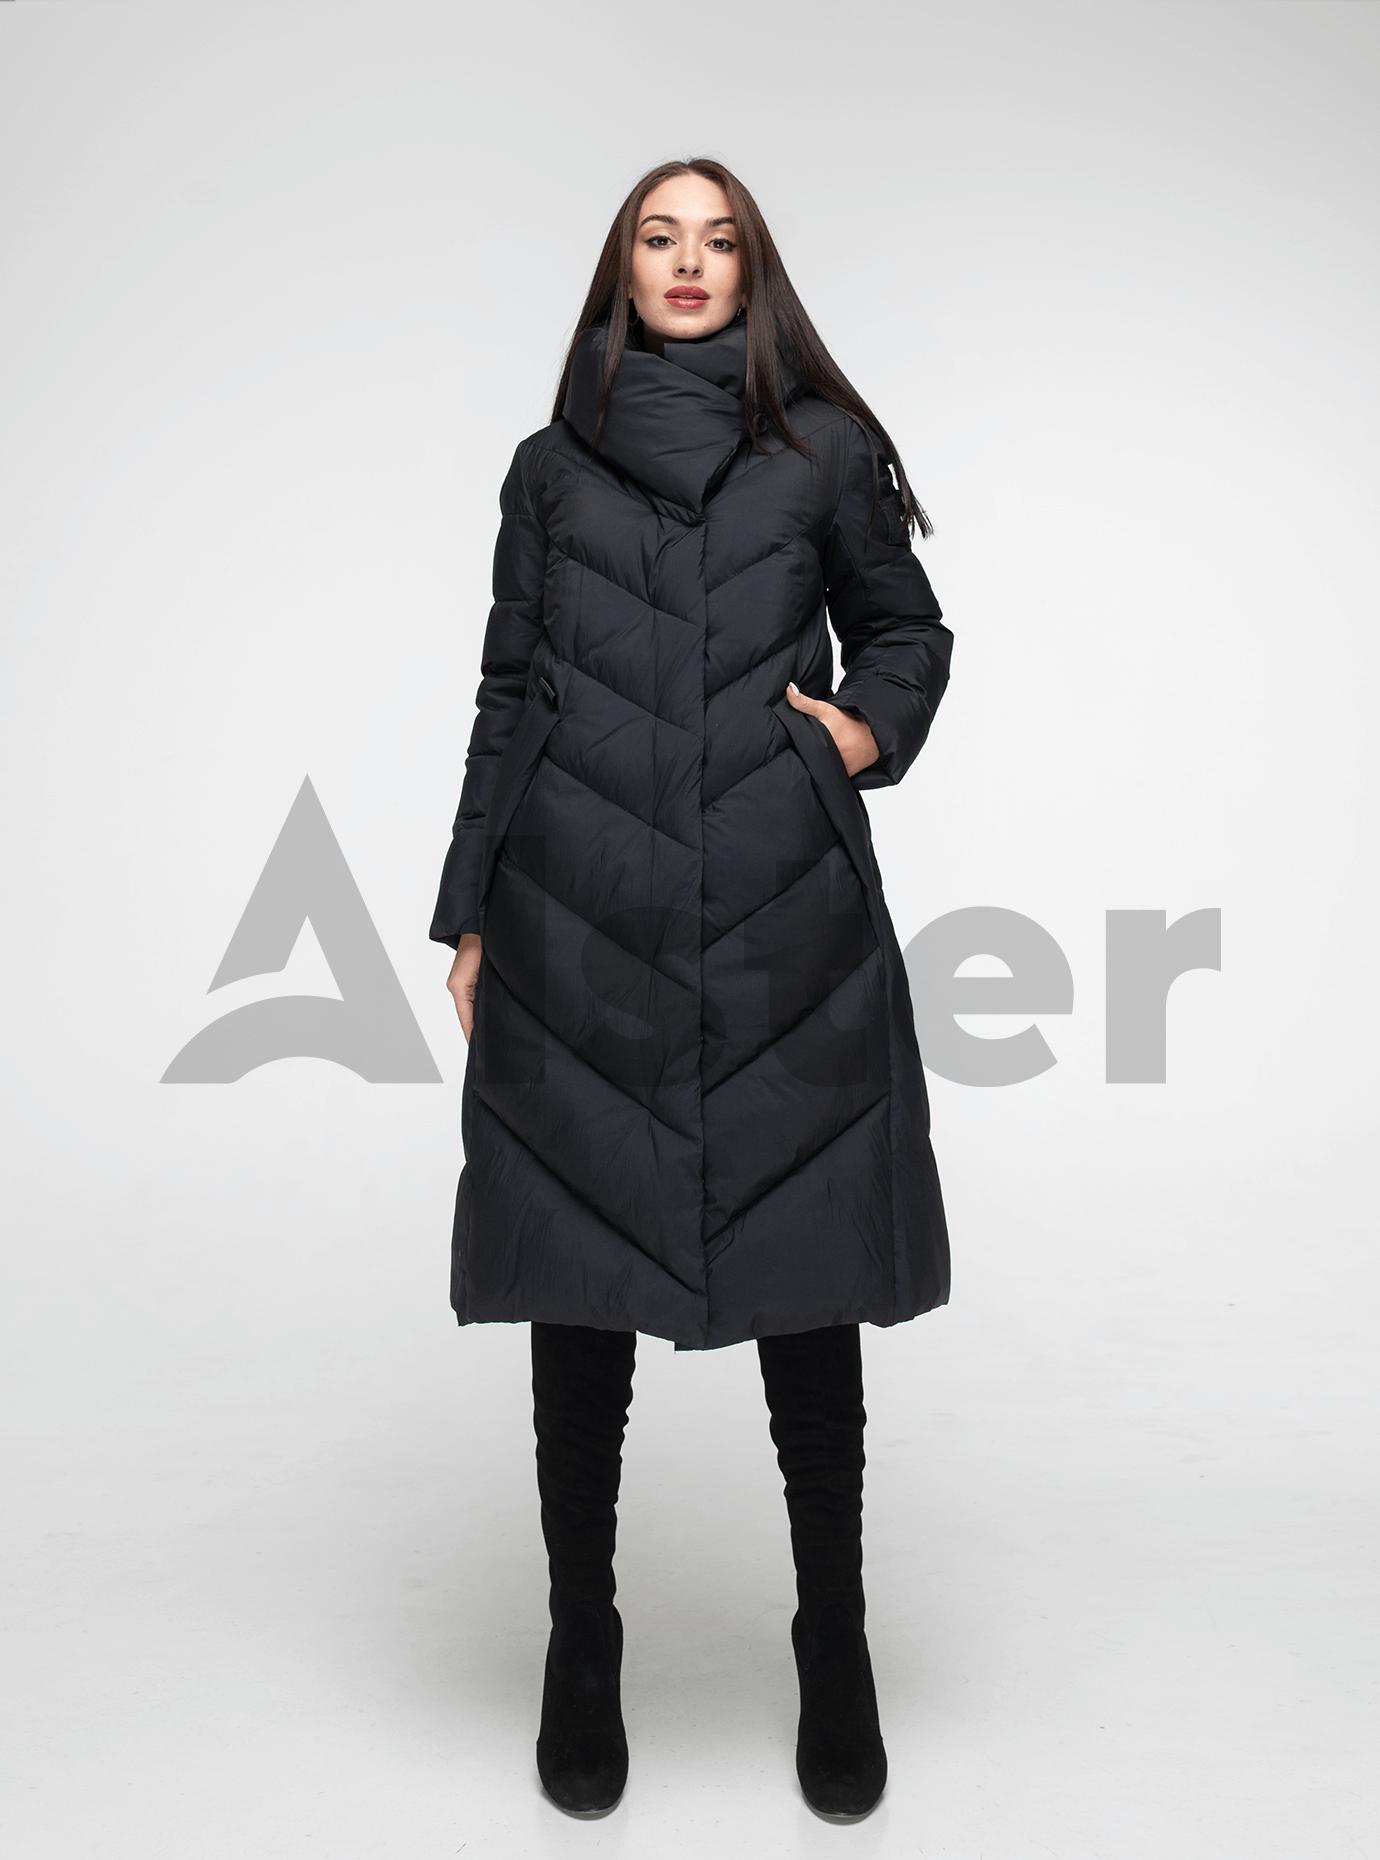 Пуховик женский с капюшоном Чёрный S (02-4600): фото - Alster.ua